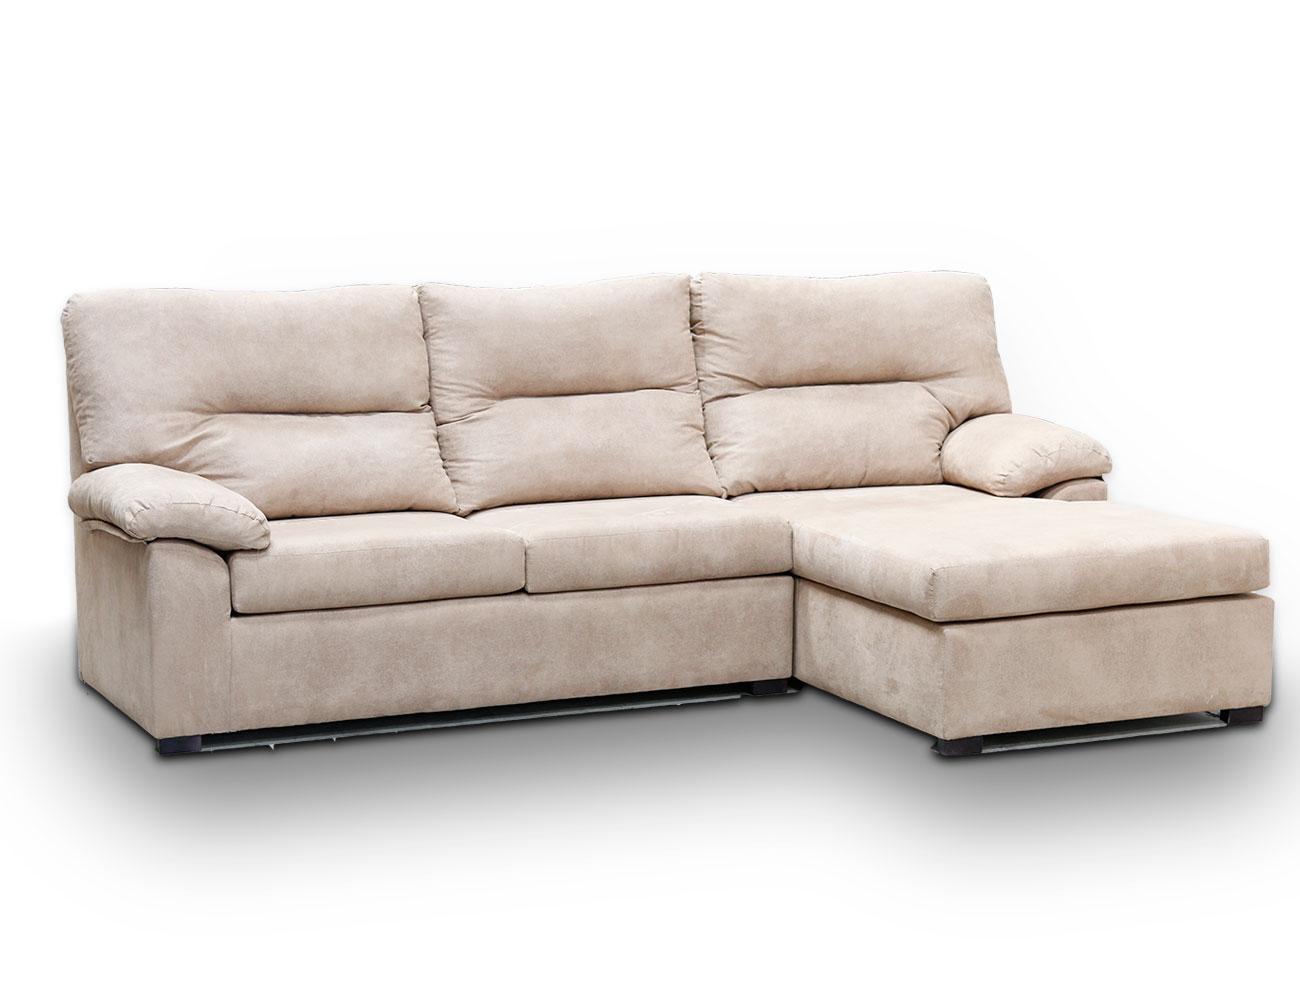 Sofa chaiselongue reversible barato4